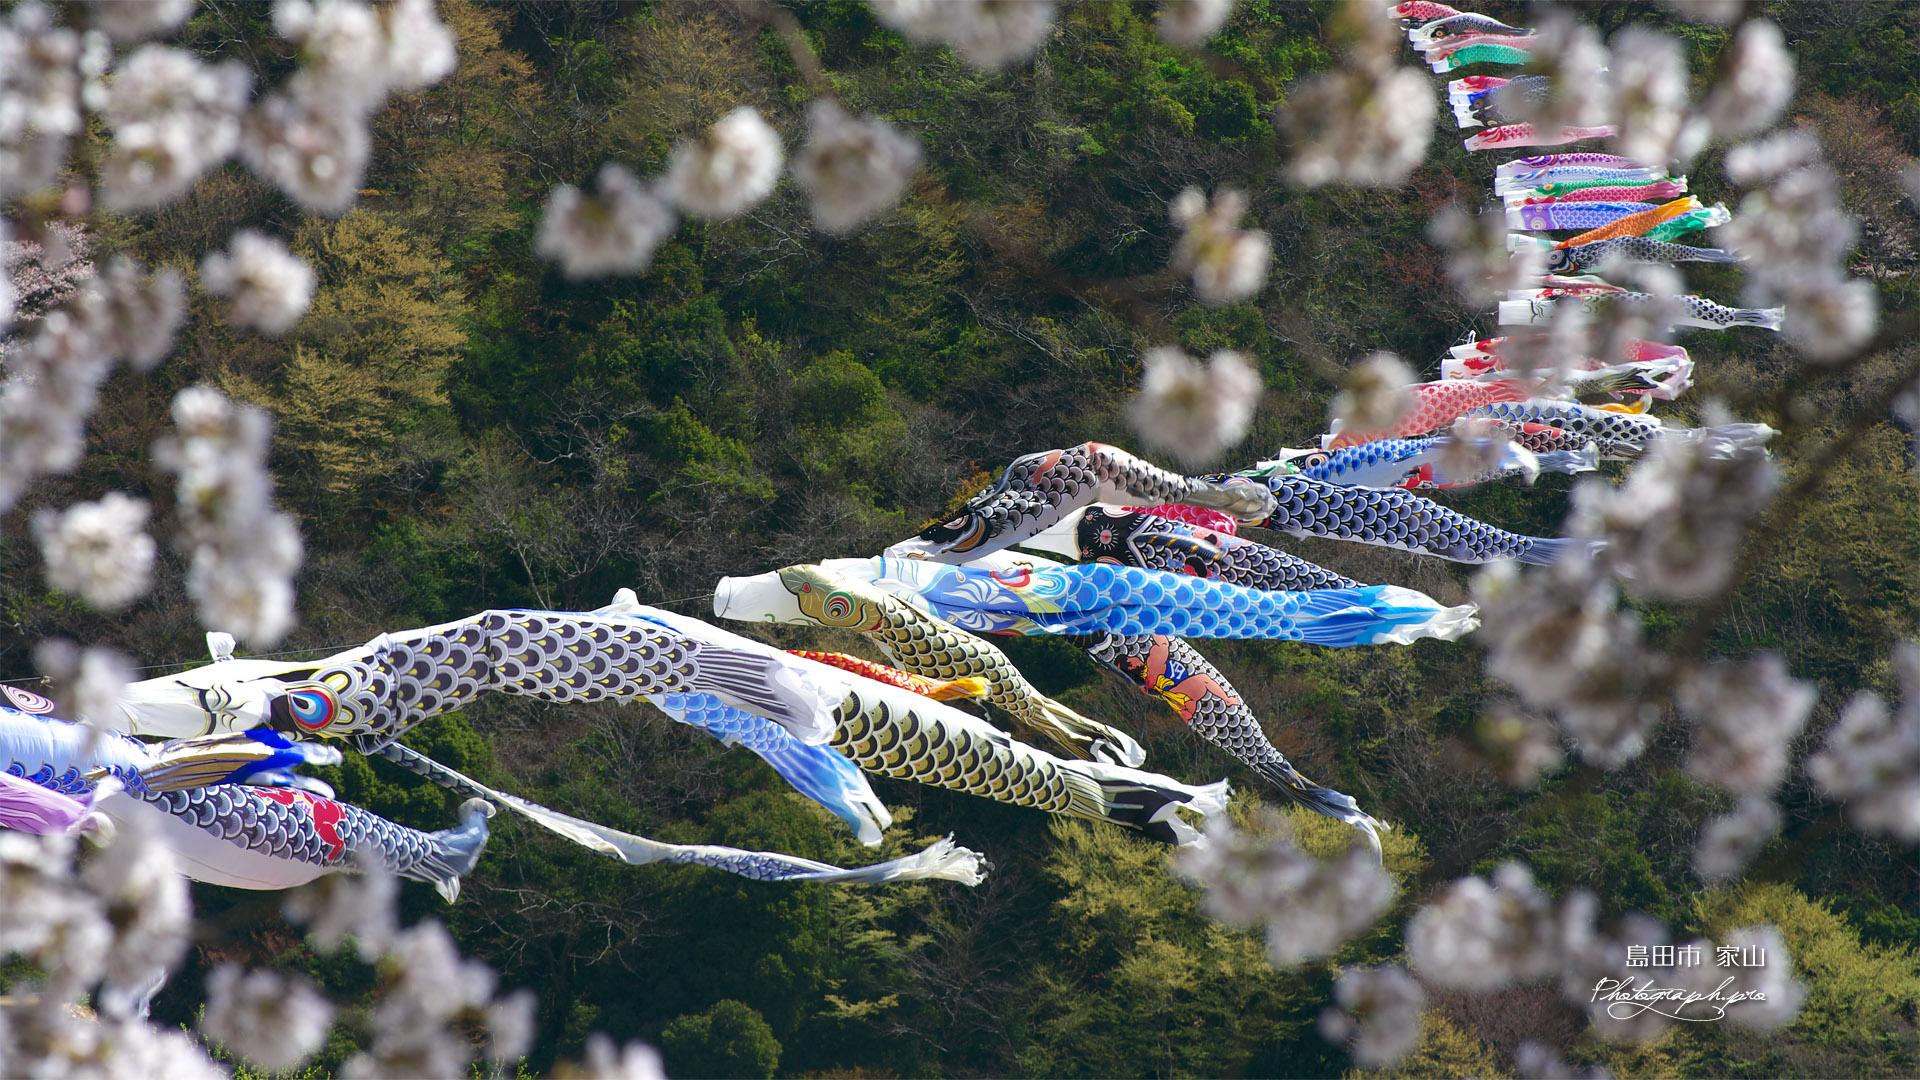 大井川横断鯉のぼり の壁紙 19x1080